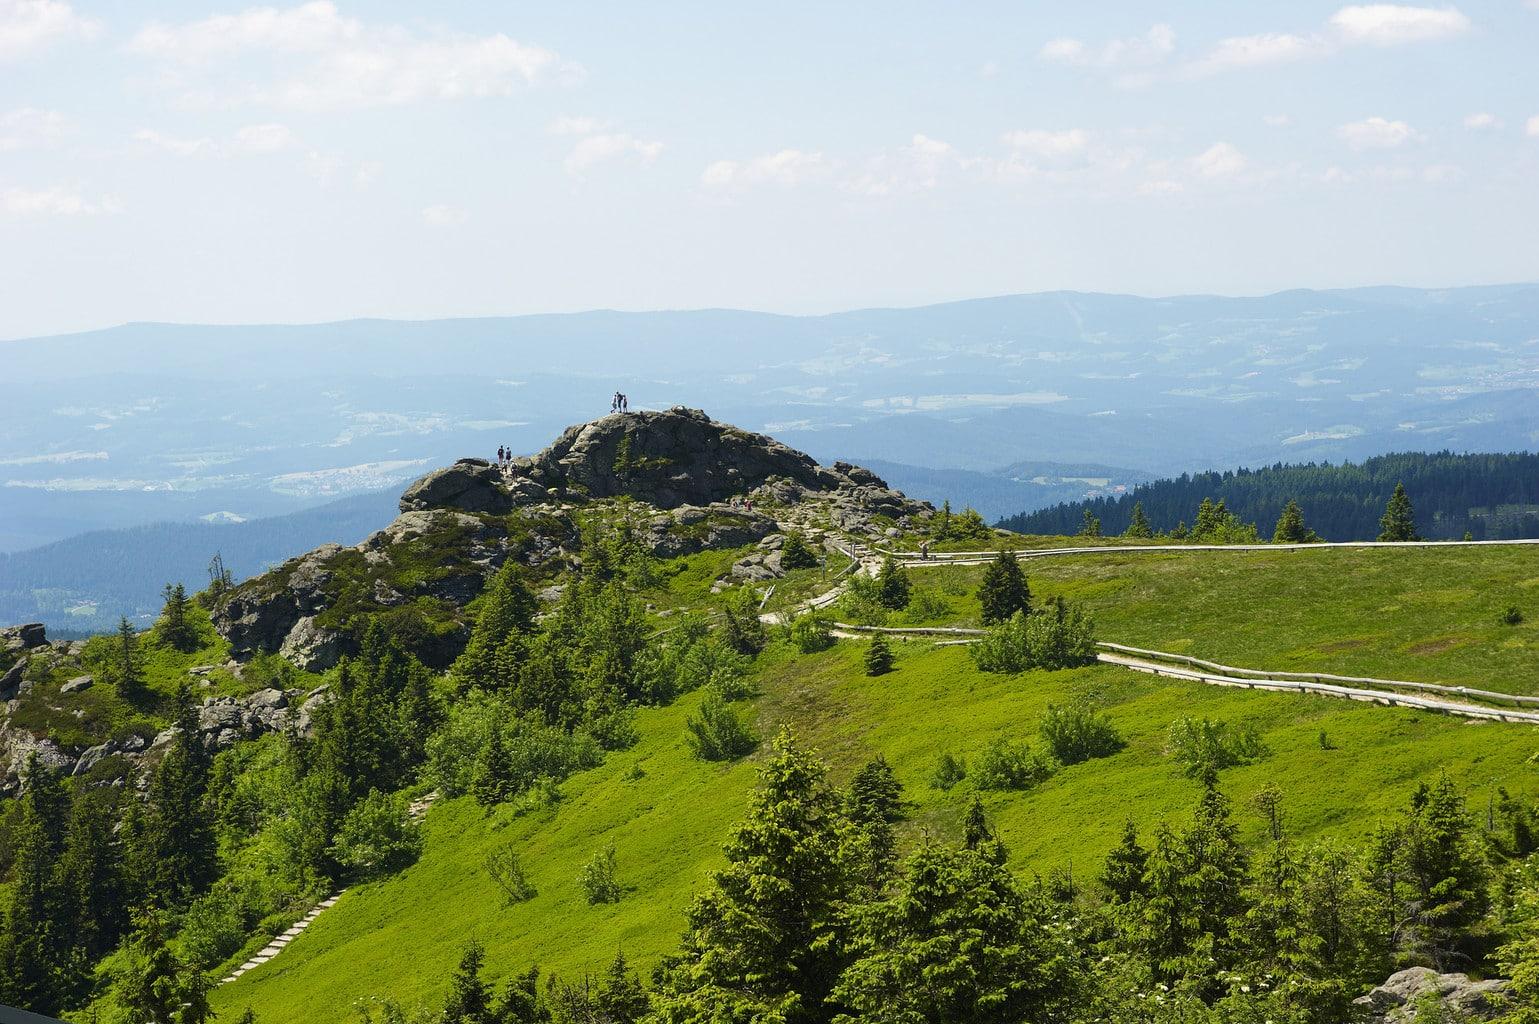 Bergtop met straat in het Nationalpark Bayrischer Wald in de deelstaat Beieren